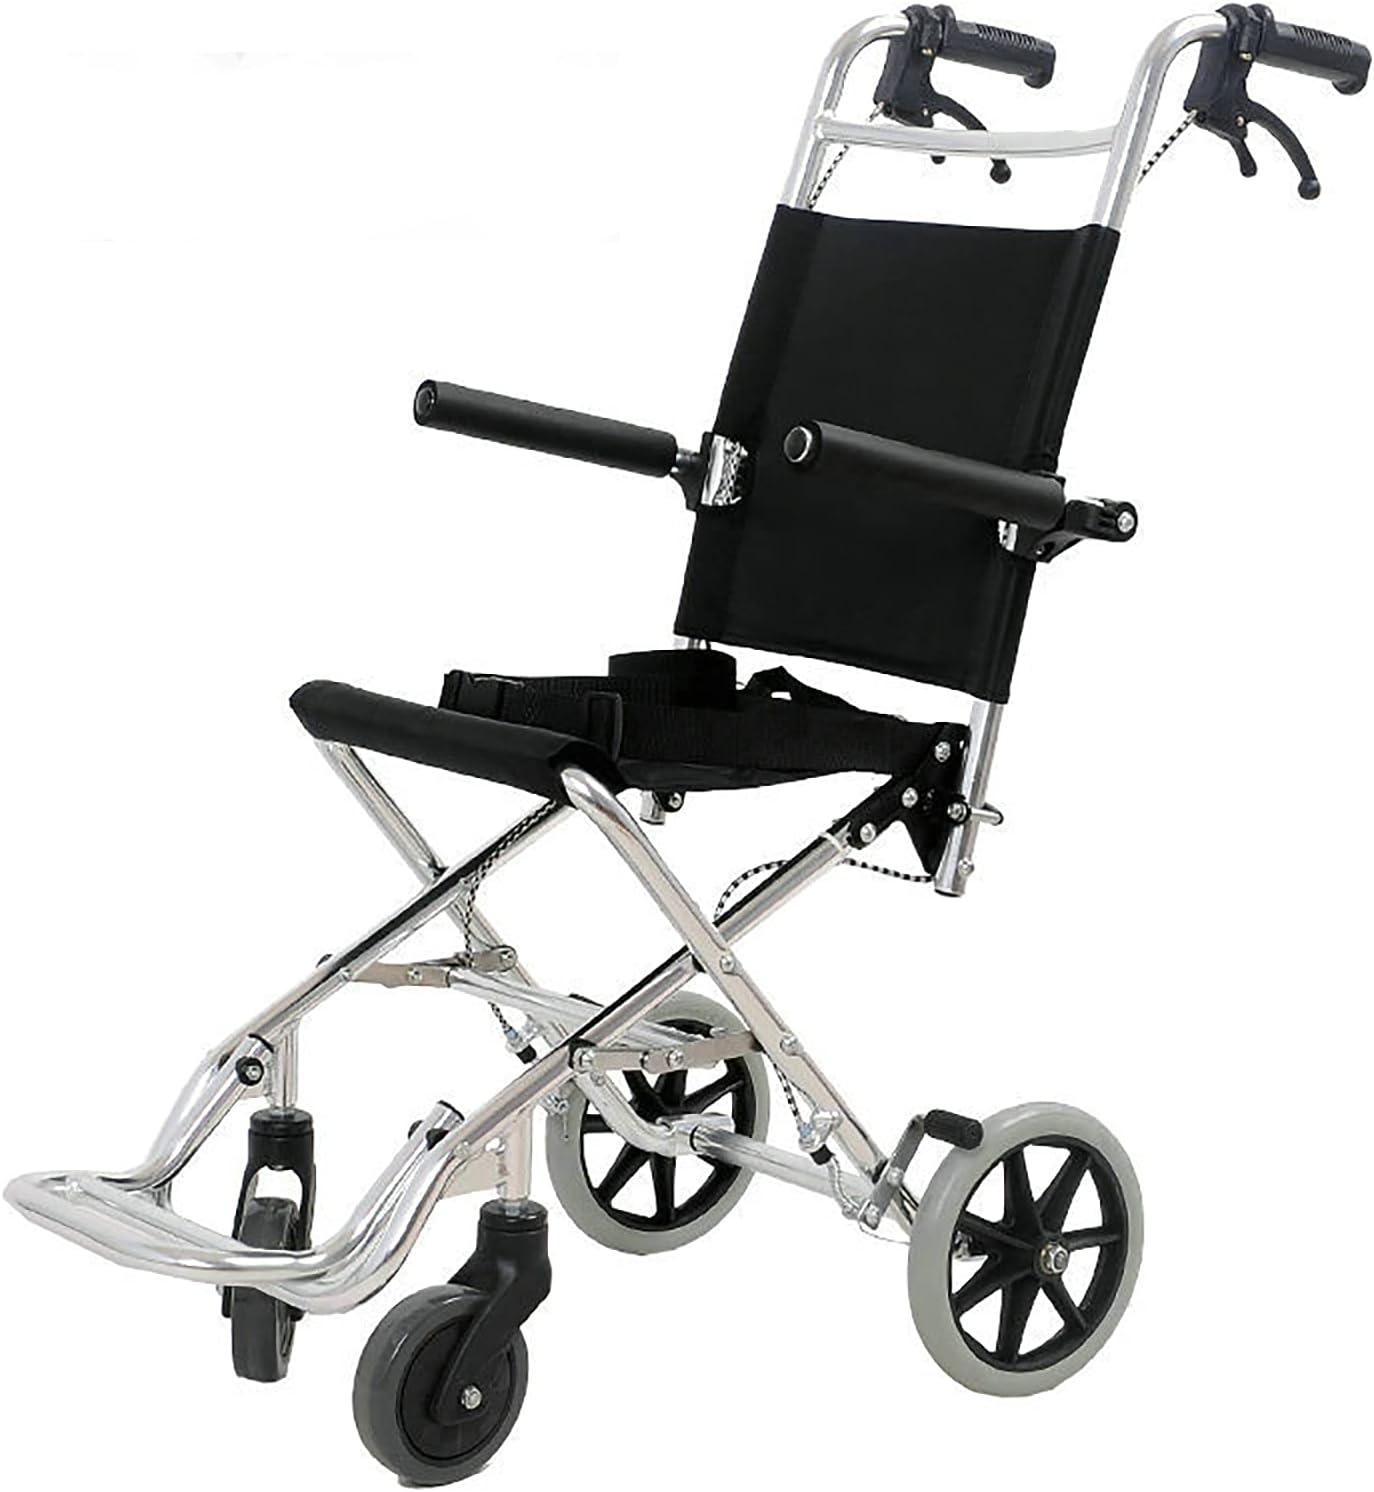 YDYBY Silla De Ruedas De Tránsito para Ancianos Y Minusválidos, Plegable Aluminio Reposapiés Y Reposabrazos Wheelchair Abatibles Asiento Ultraligera Frenos En Manetas Negro